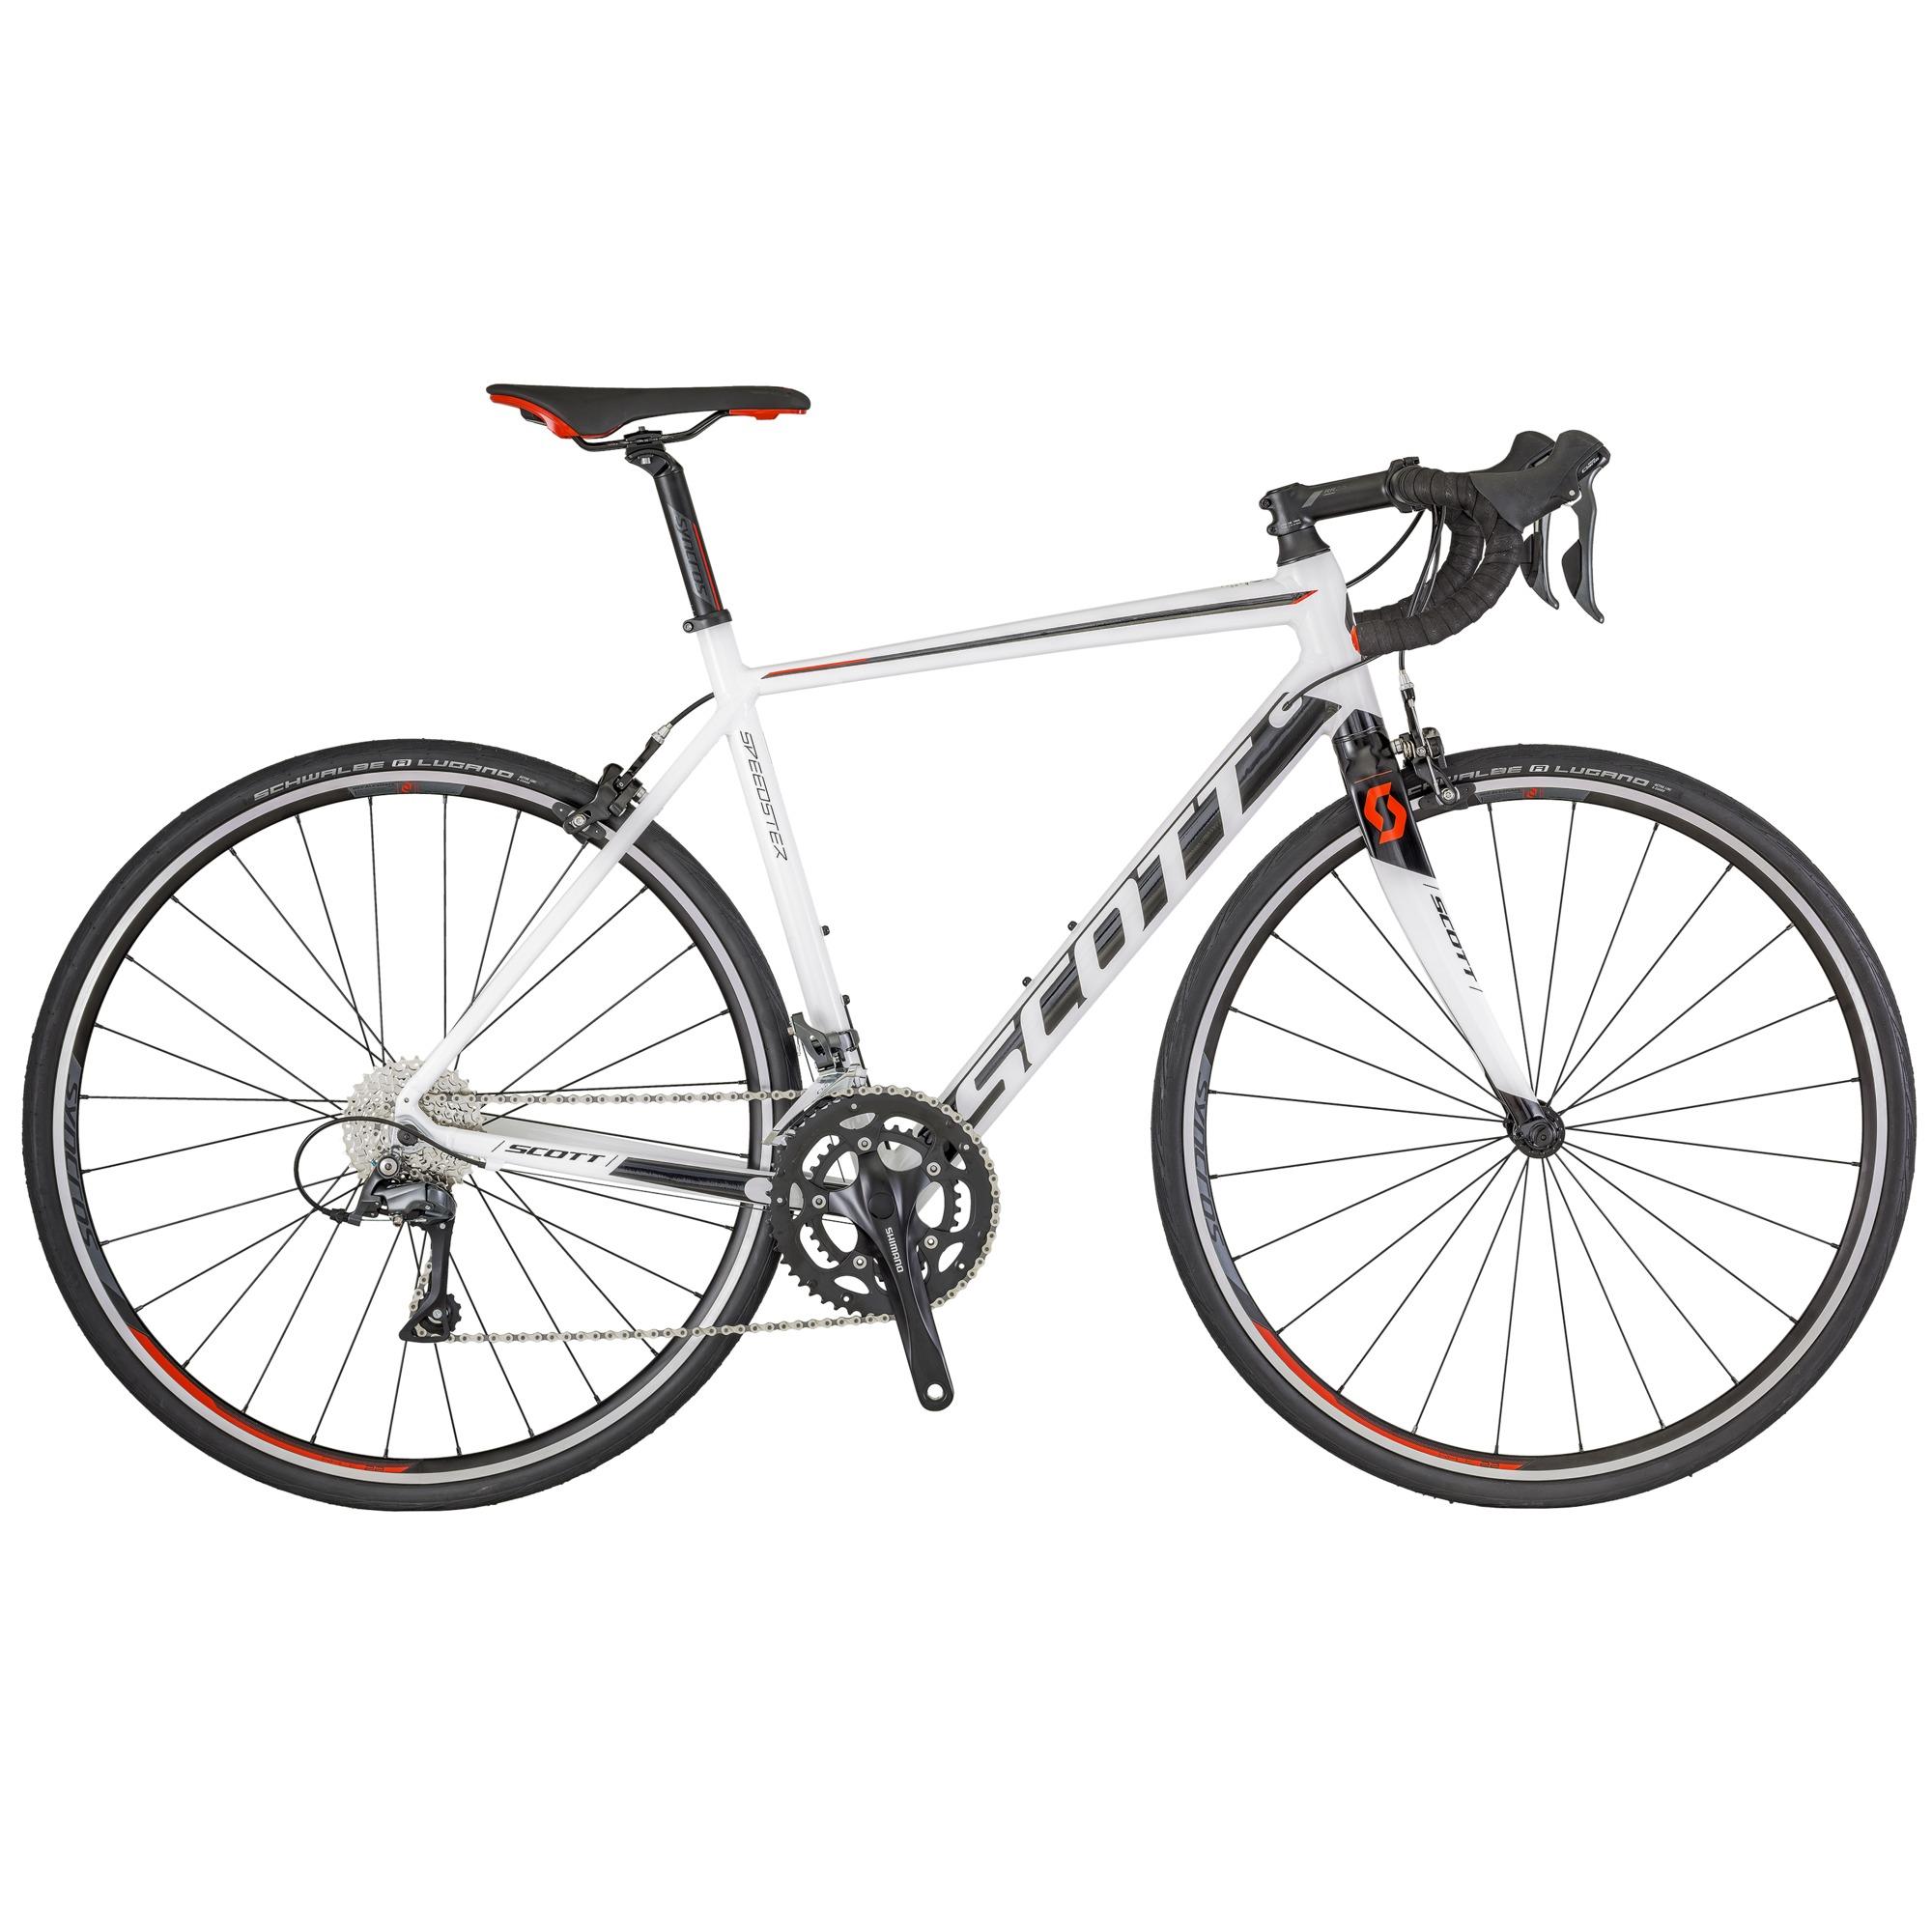 SCOTT Speedster 40 Bike 2XL61 - Zweirad Homann